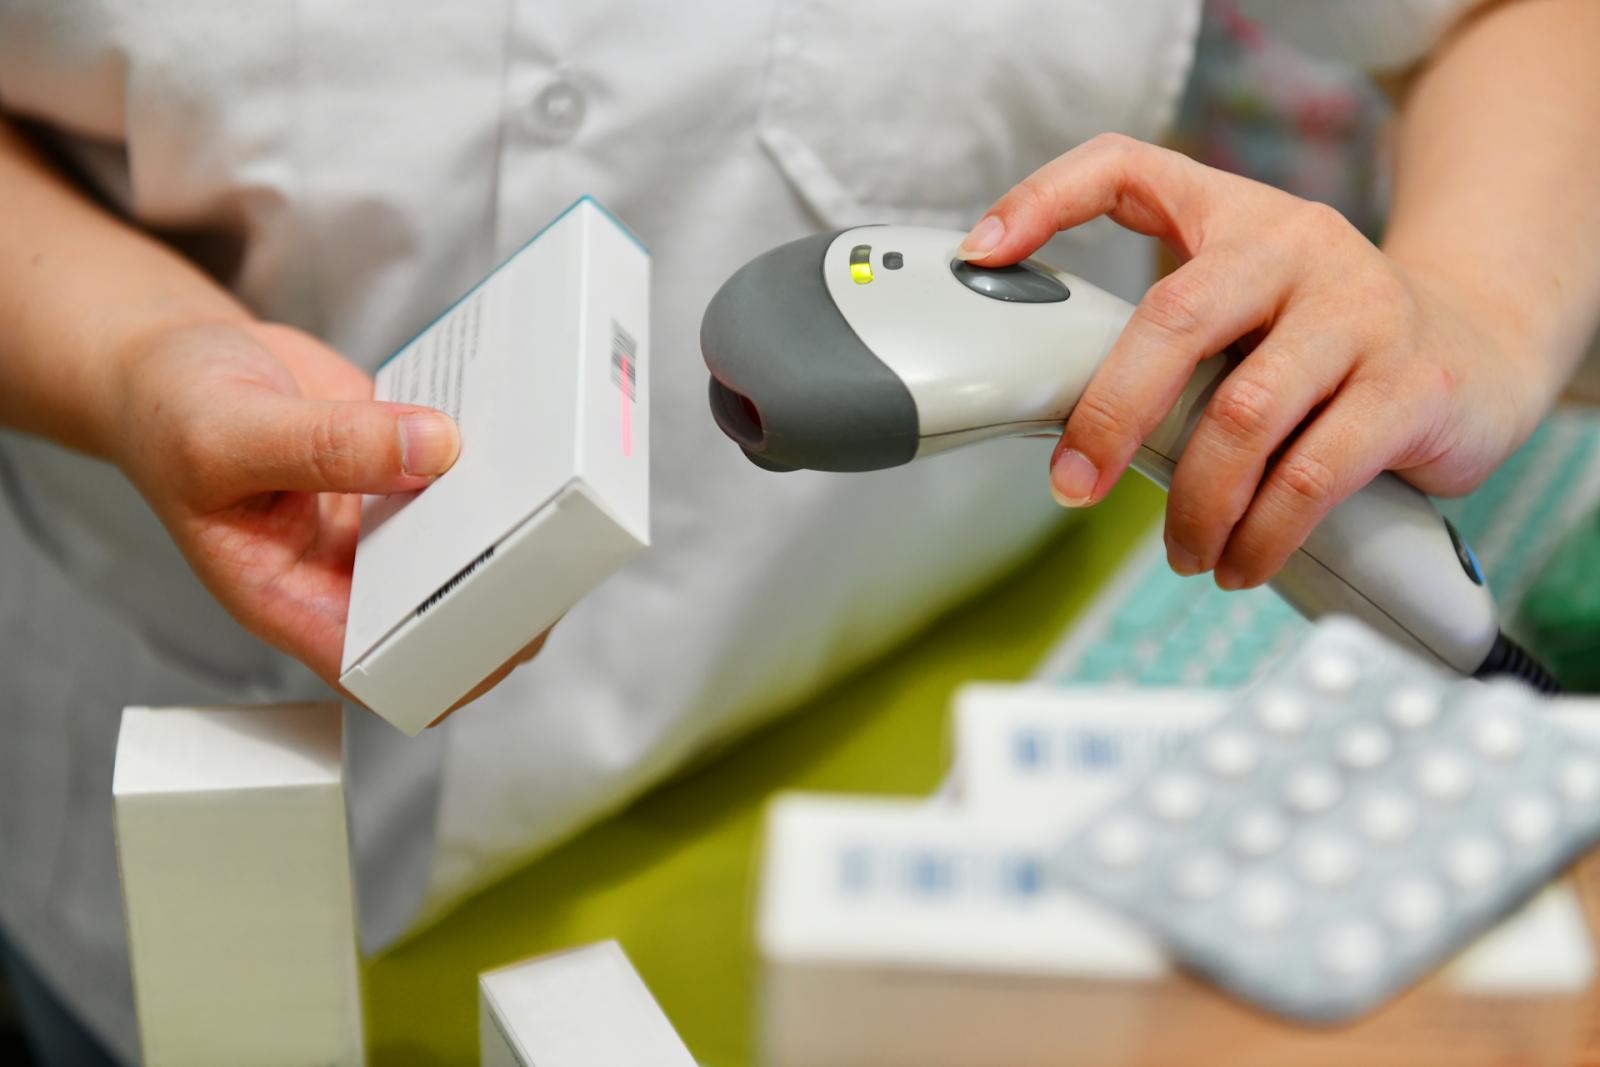 Pharmacist scanning barcode of medicine drug